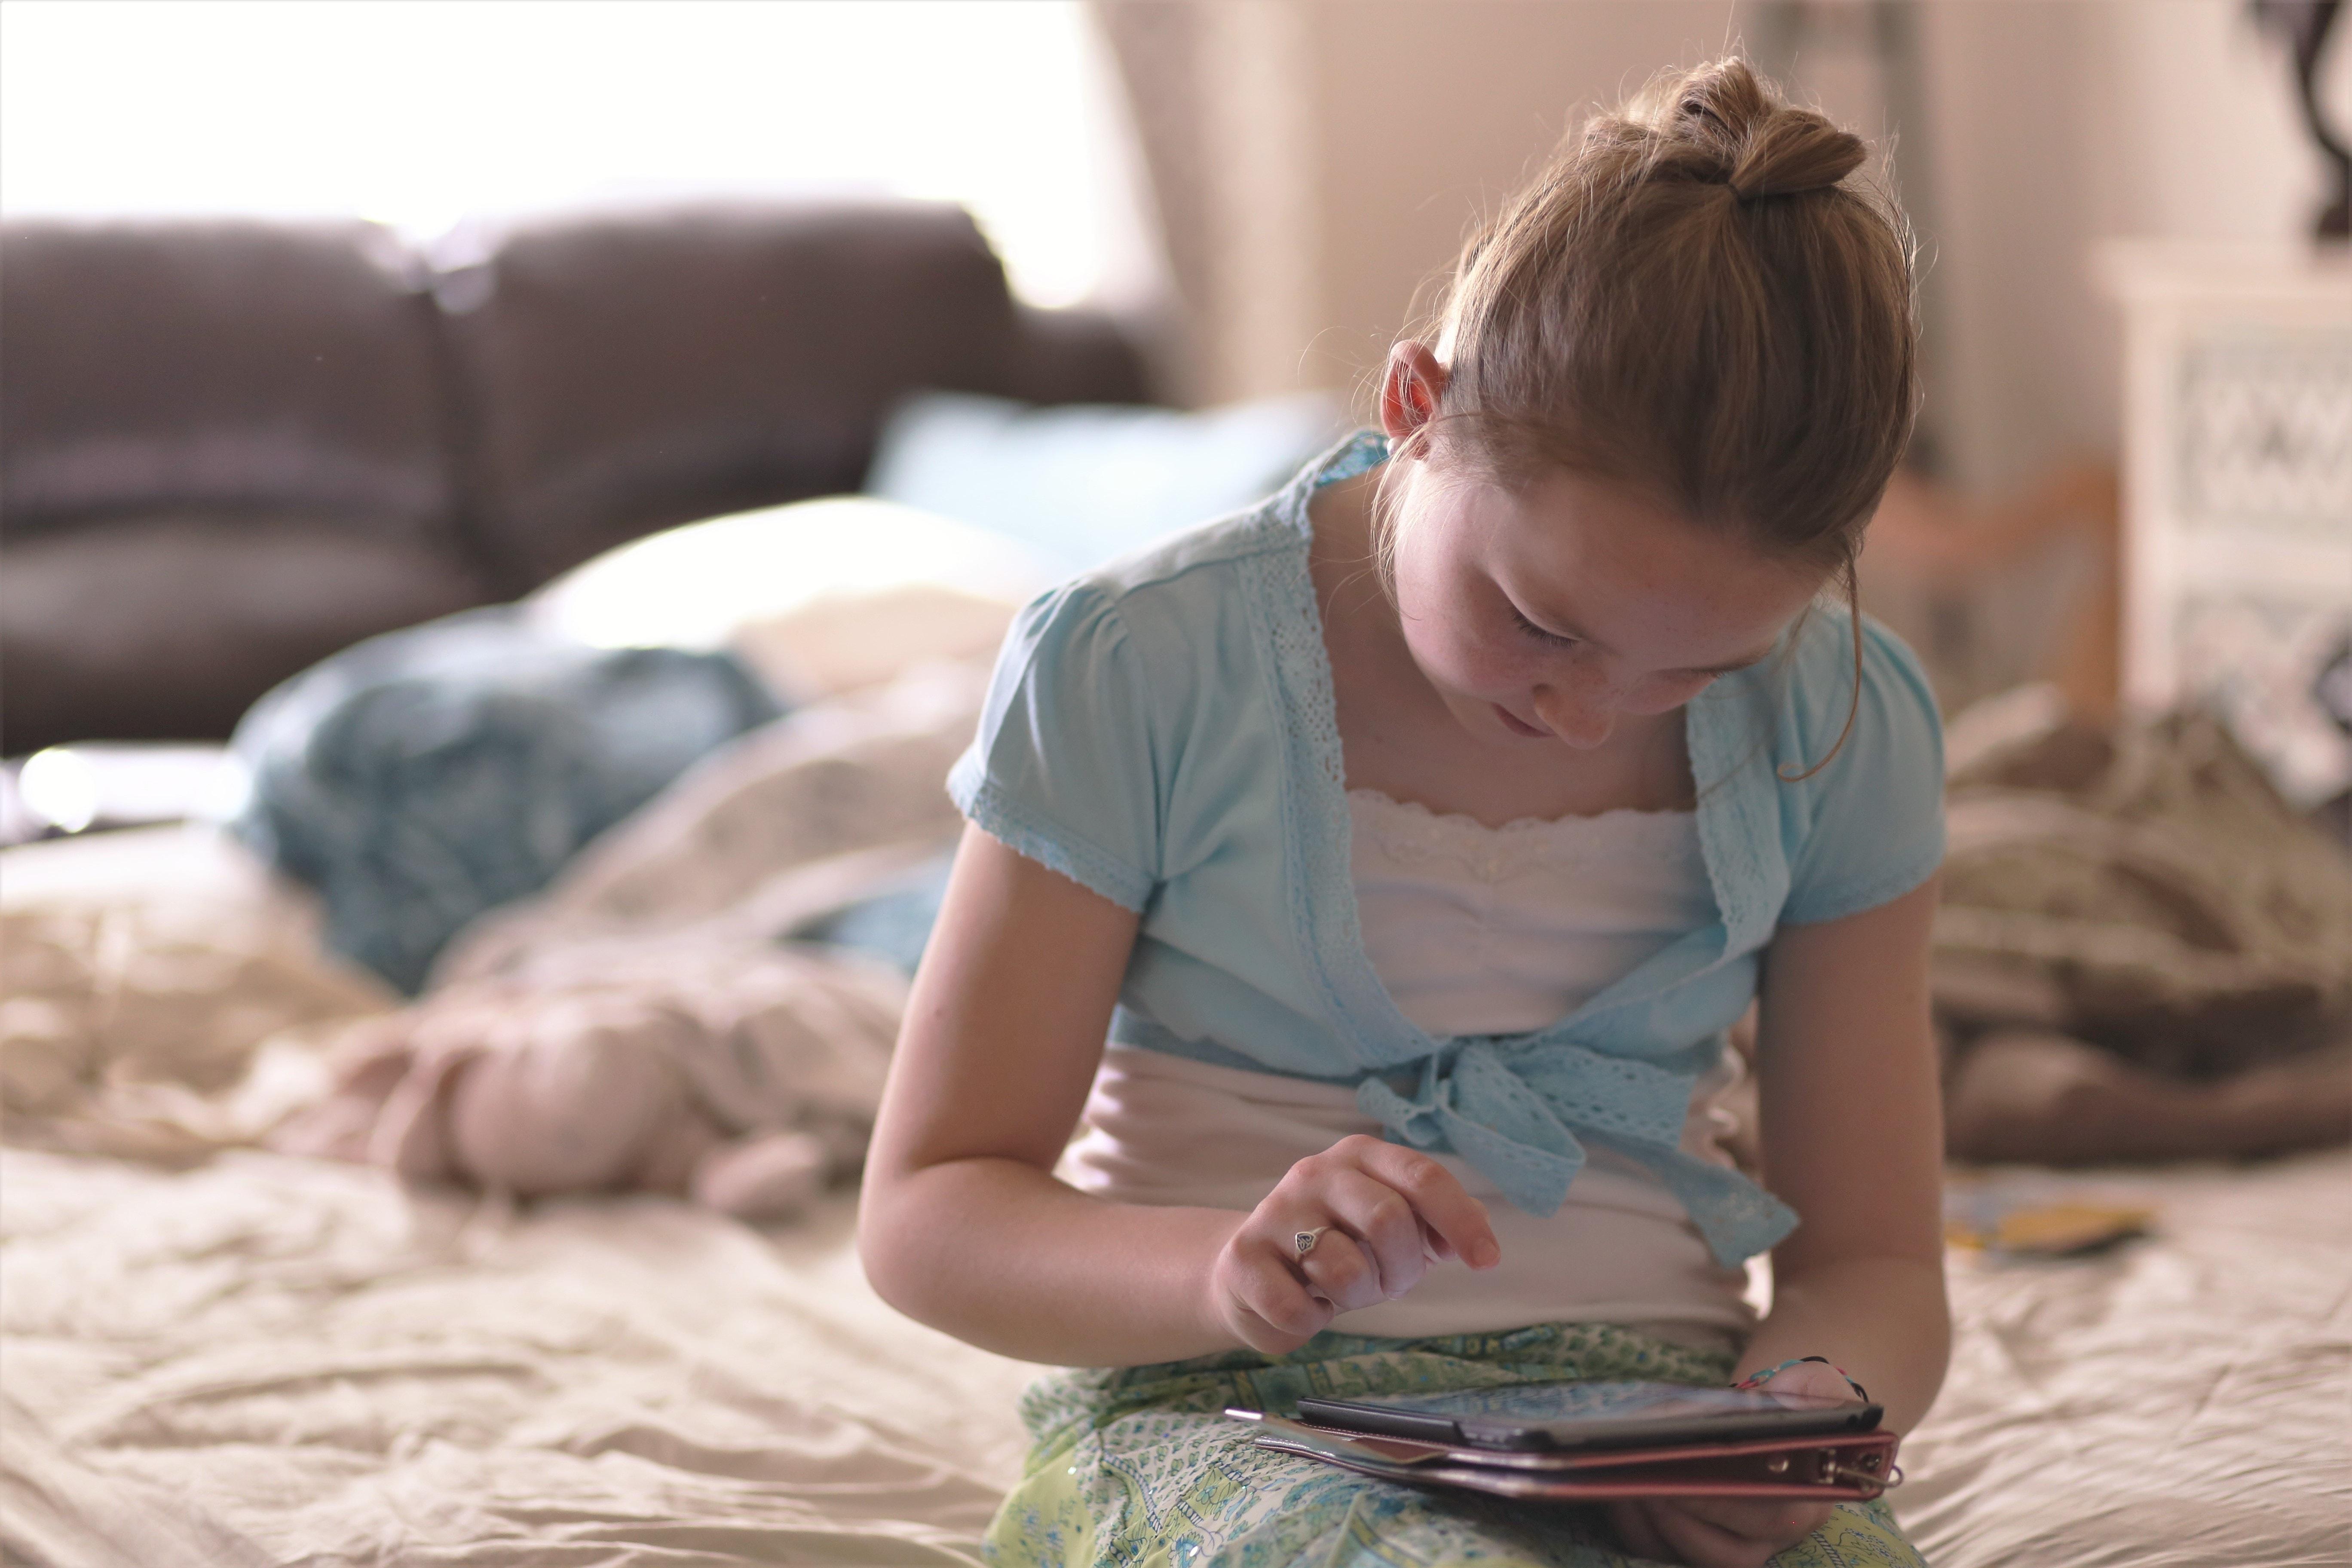 Varias horas frente a una tableta puede ser peligroso para los niños (Foto Prensa Libre: Servicios / Pexels).